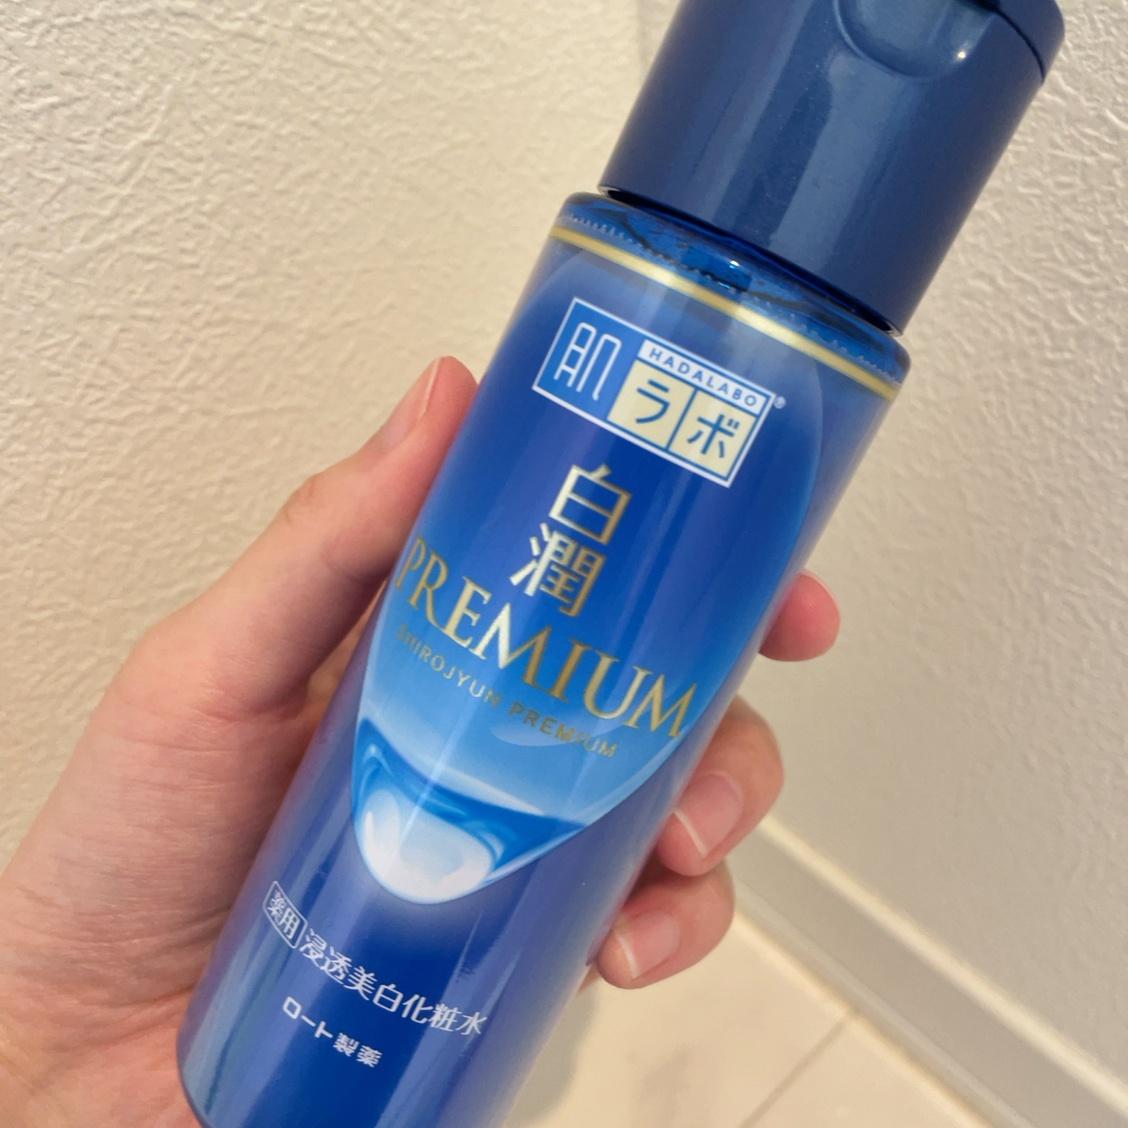 肌ラボ(HADALABO) 白潤プレミアム 薬用浸透美白化粧水を使ったくまちんさんのクチコミ画像1